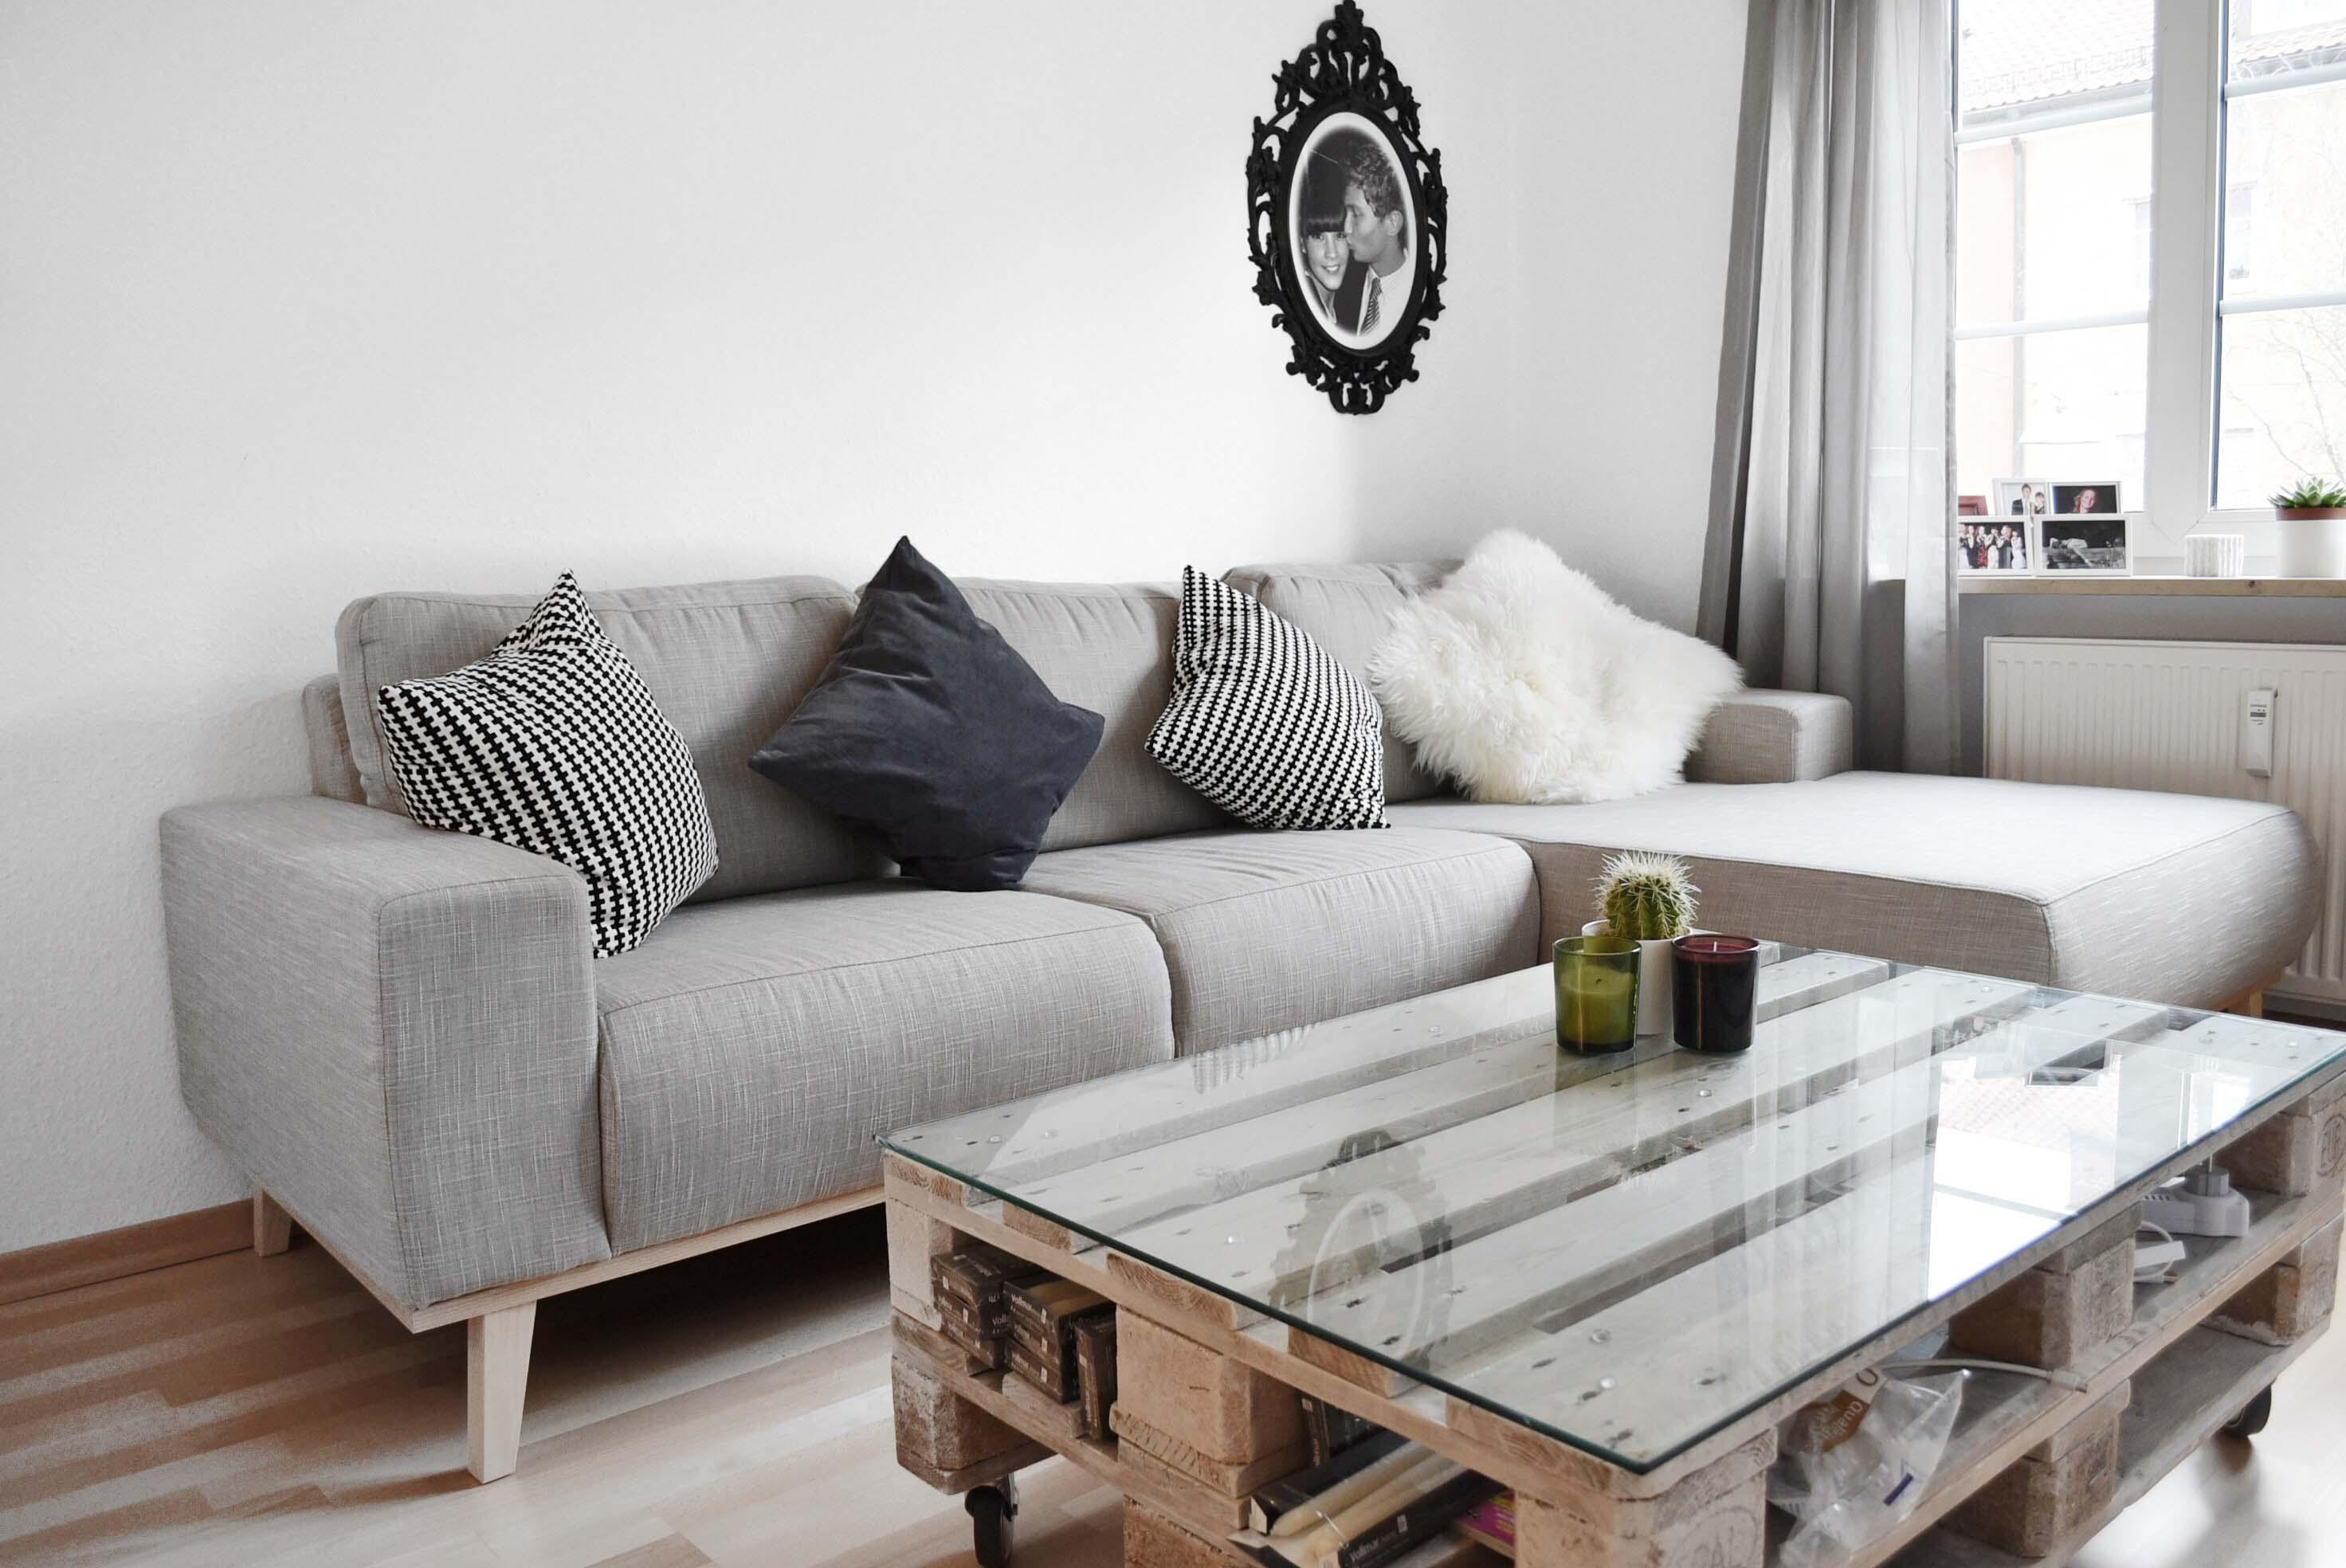 Affordable Gemtliches Sofa Wohnzimmer With Gemtliches Sofa Wohnzimmer